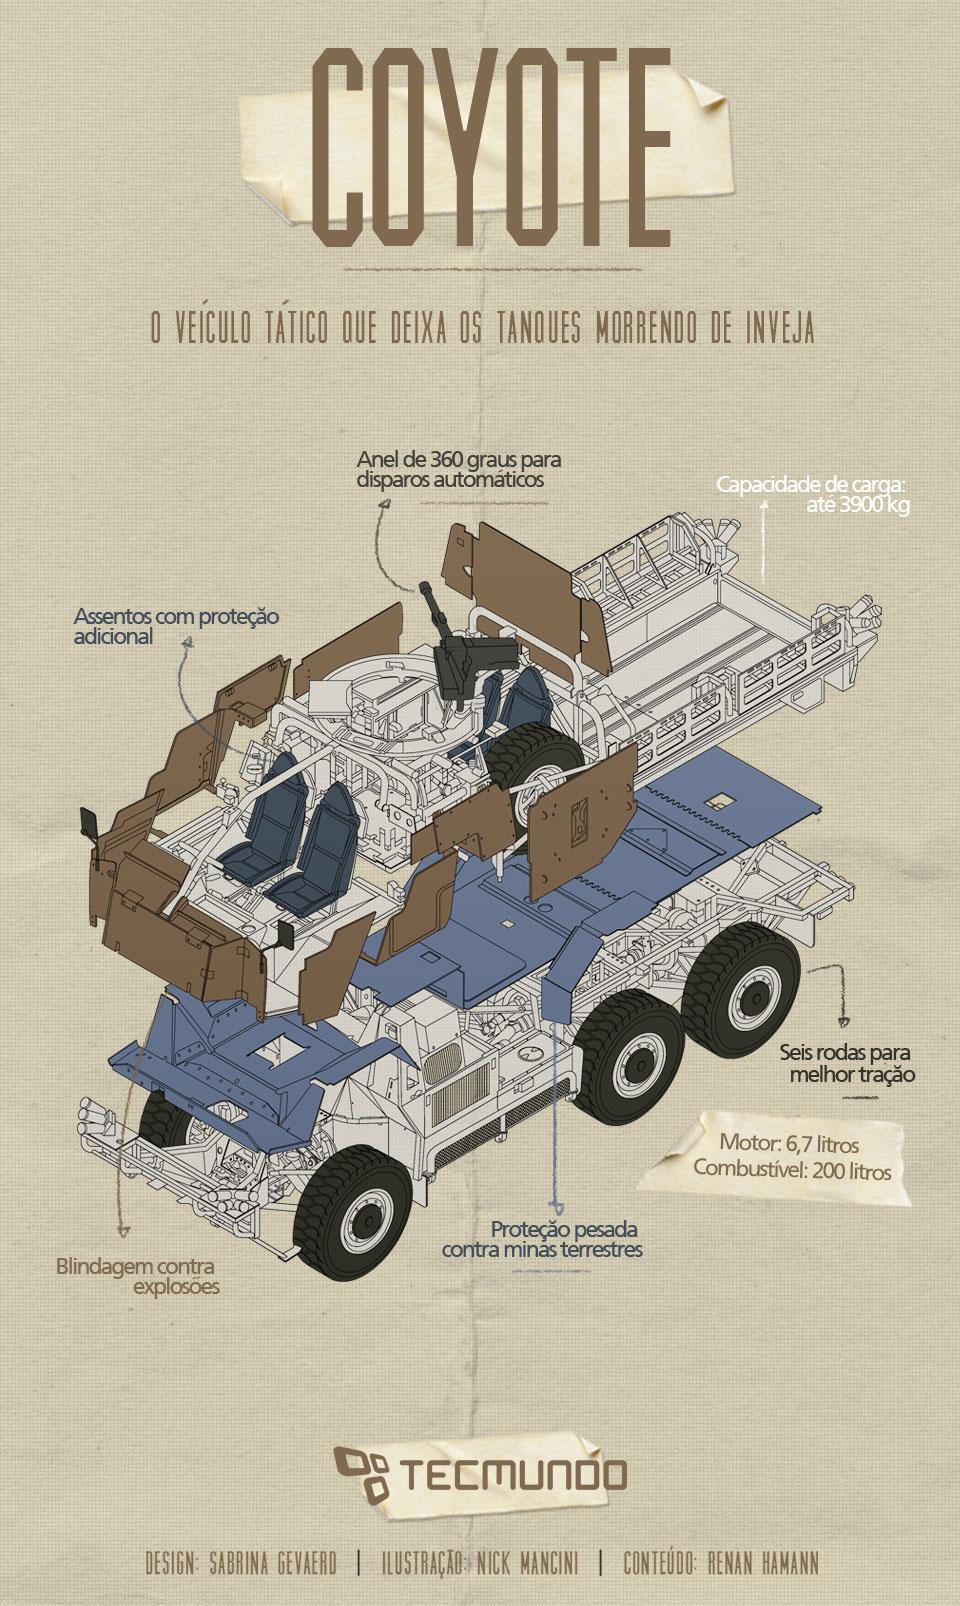 Coyote: o veículo tático que deixa tanques morrendo de inveja [ilustração]